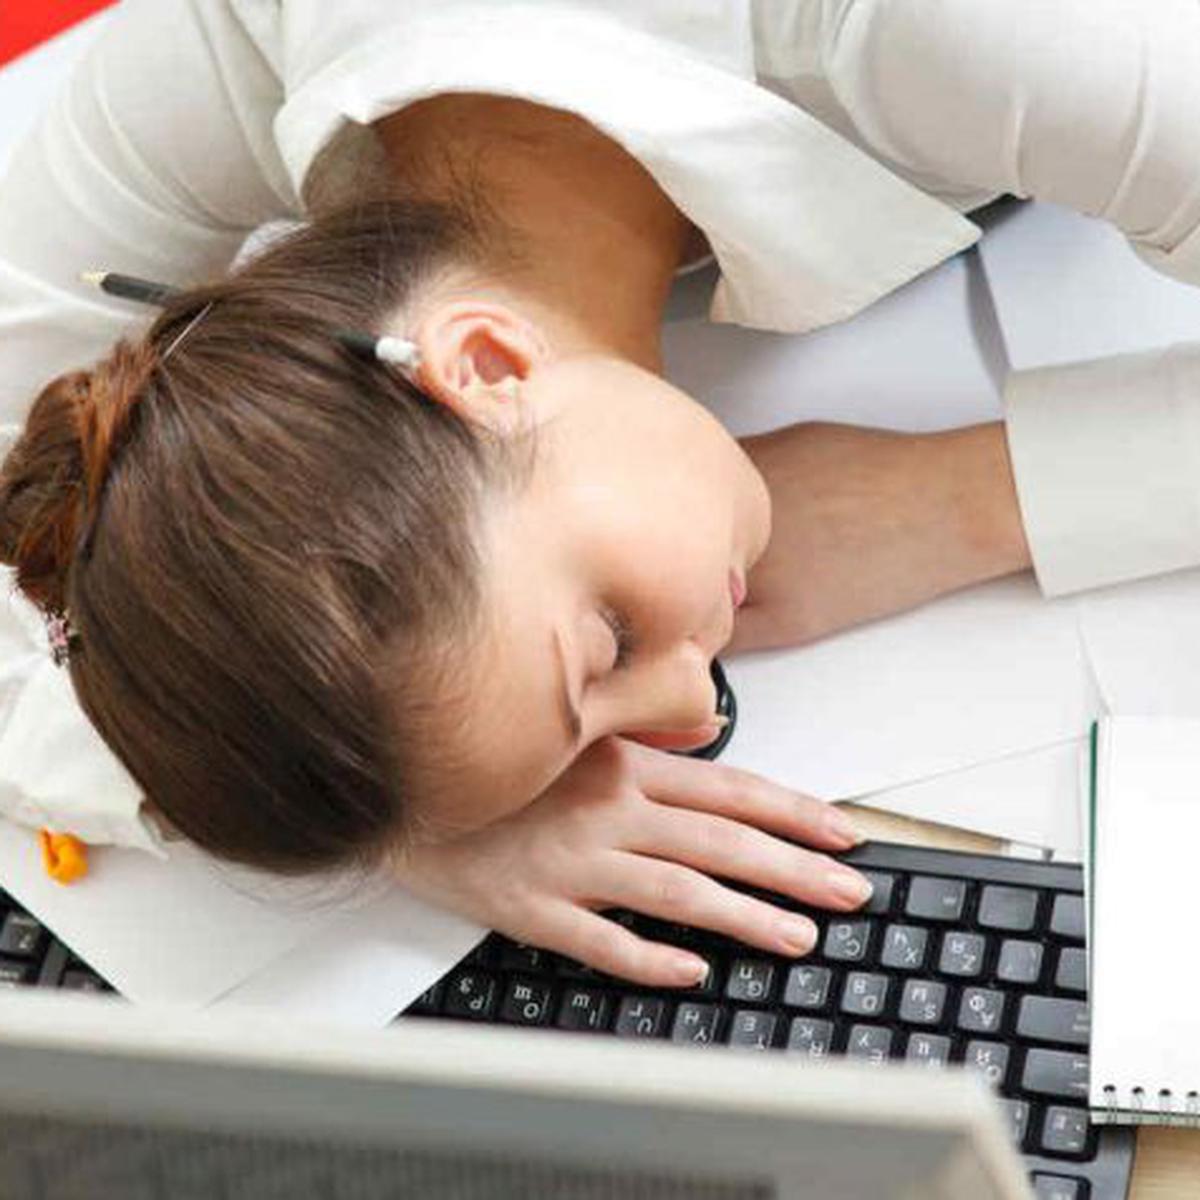 Management & Empleo: Trucos para lograr combatir el sueño en la oficina |  NOTICIAS GESTIÓN PERÚ